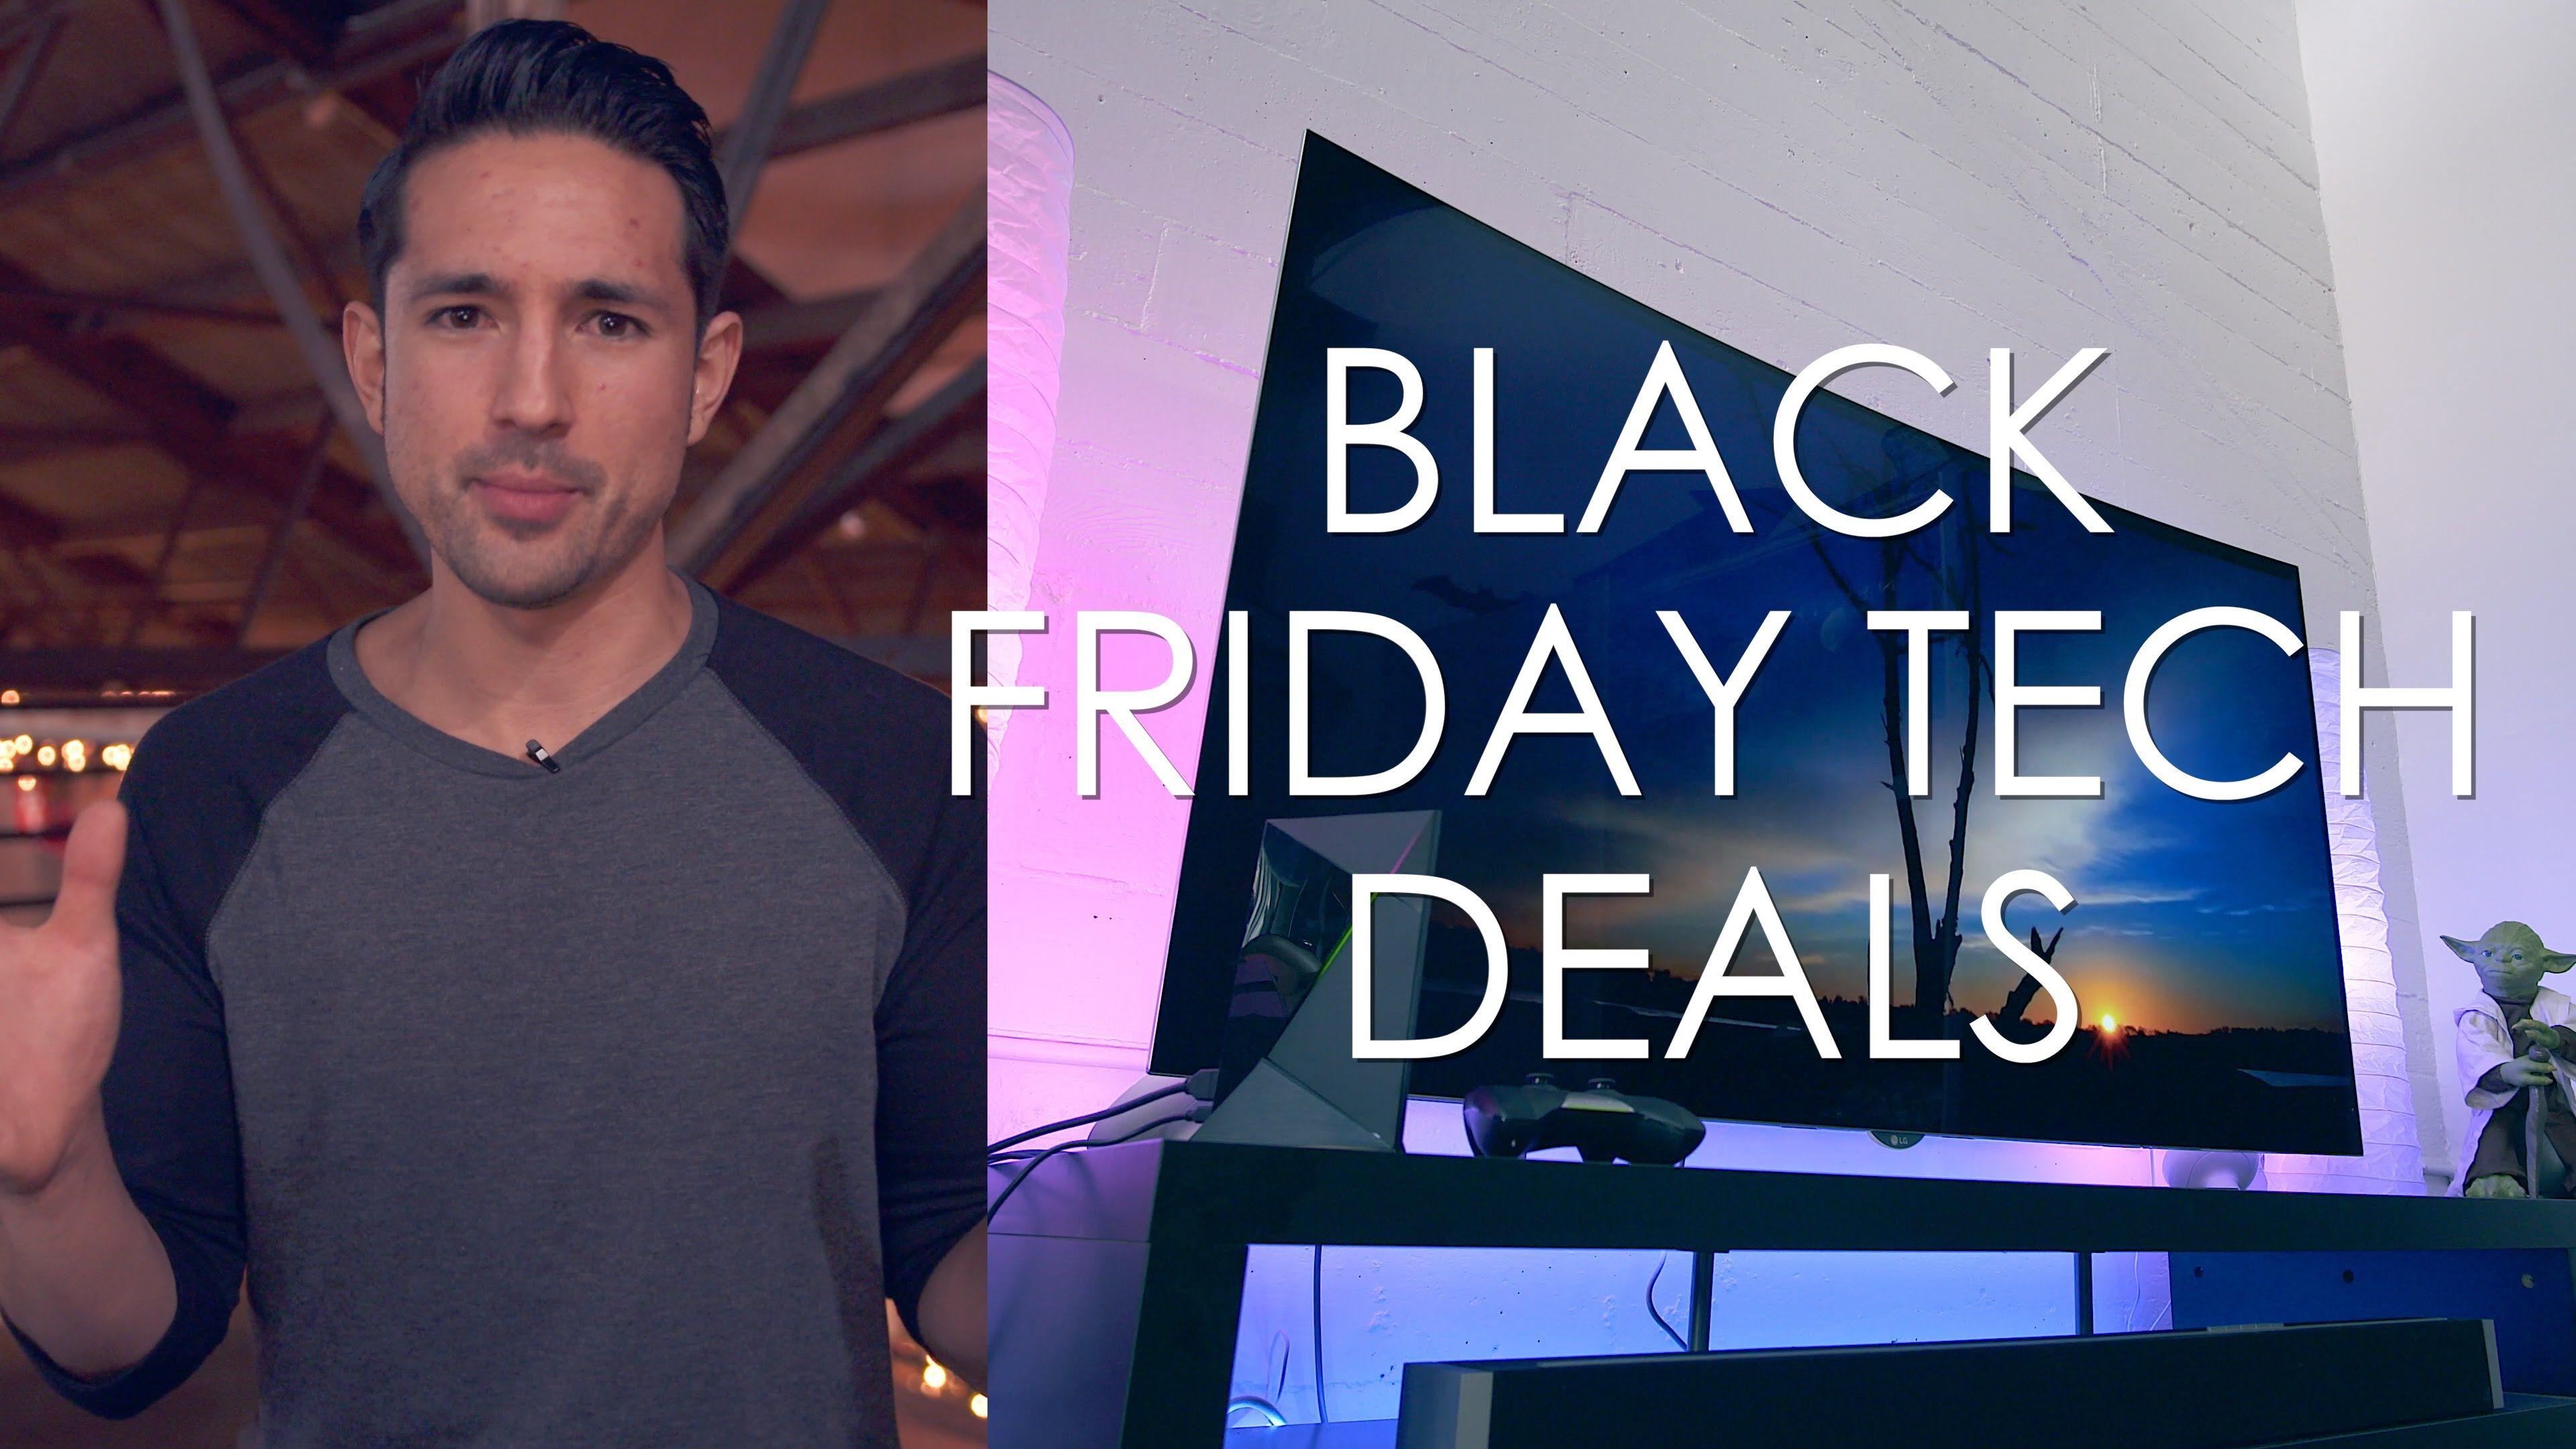 The BEST Black Friday Tech Deals! (2015)